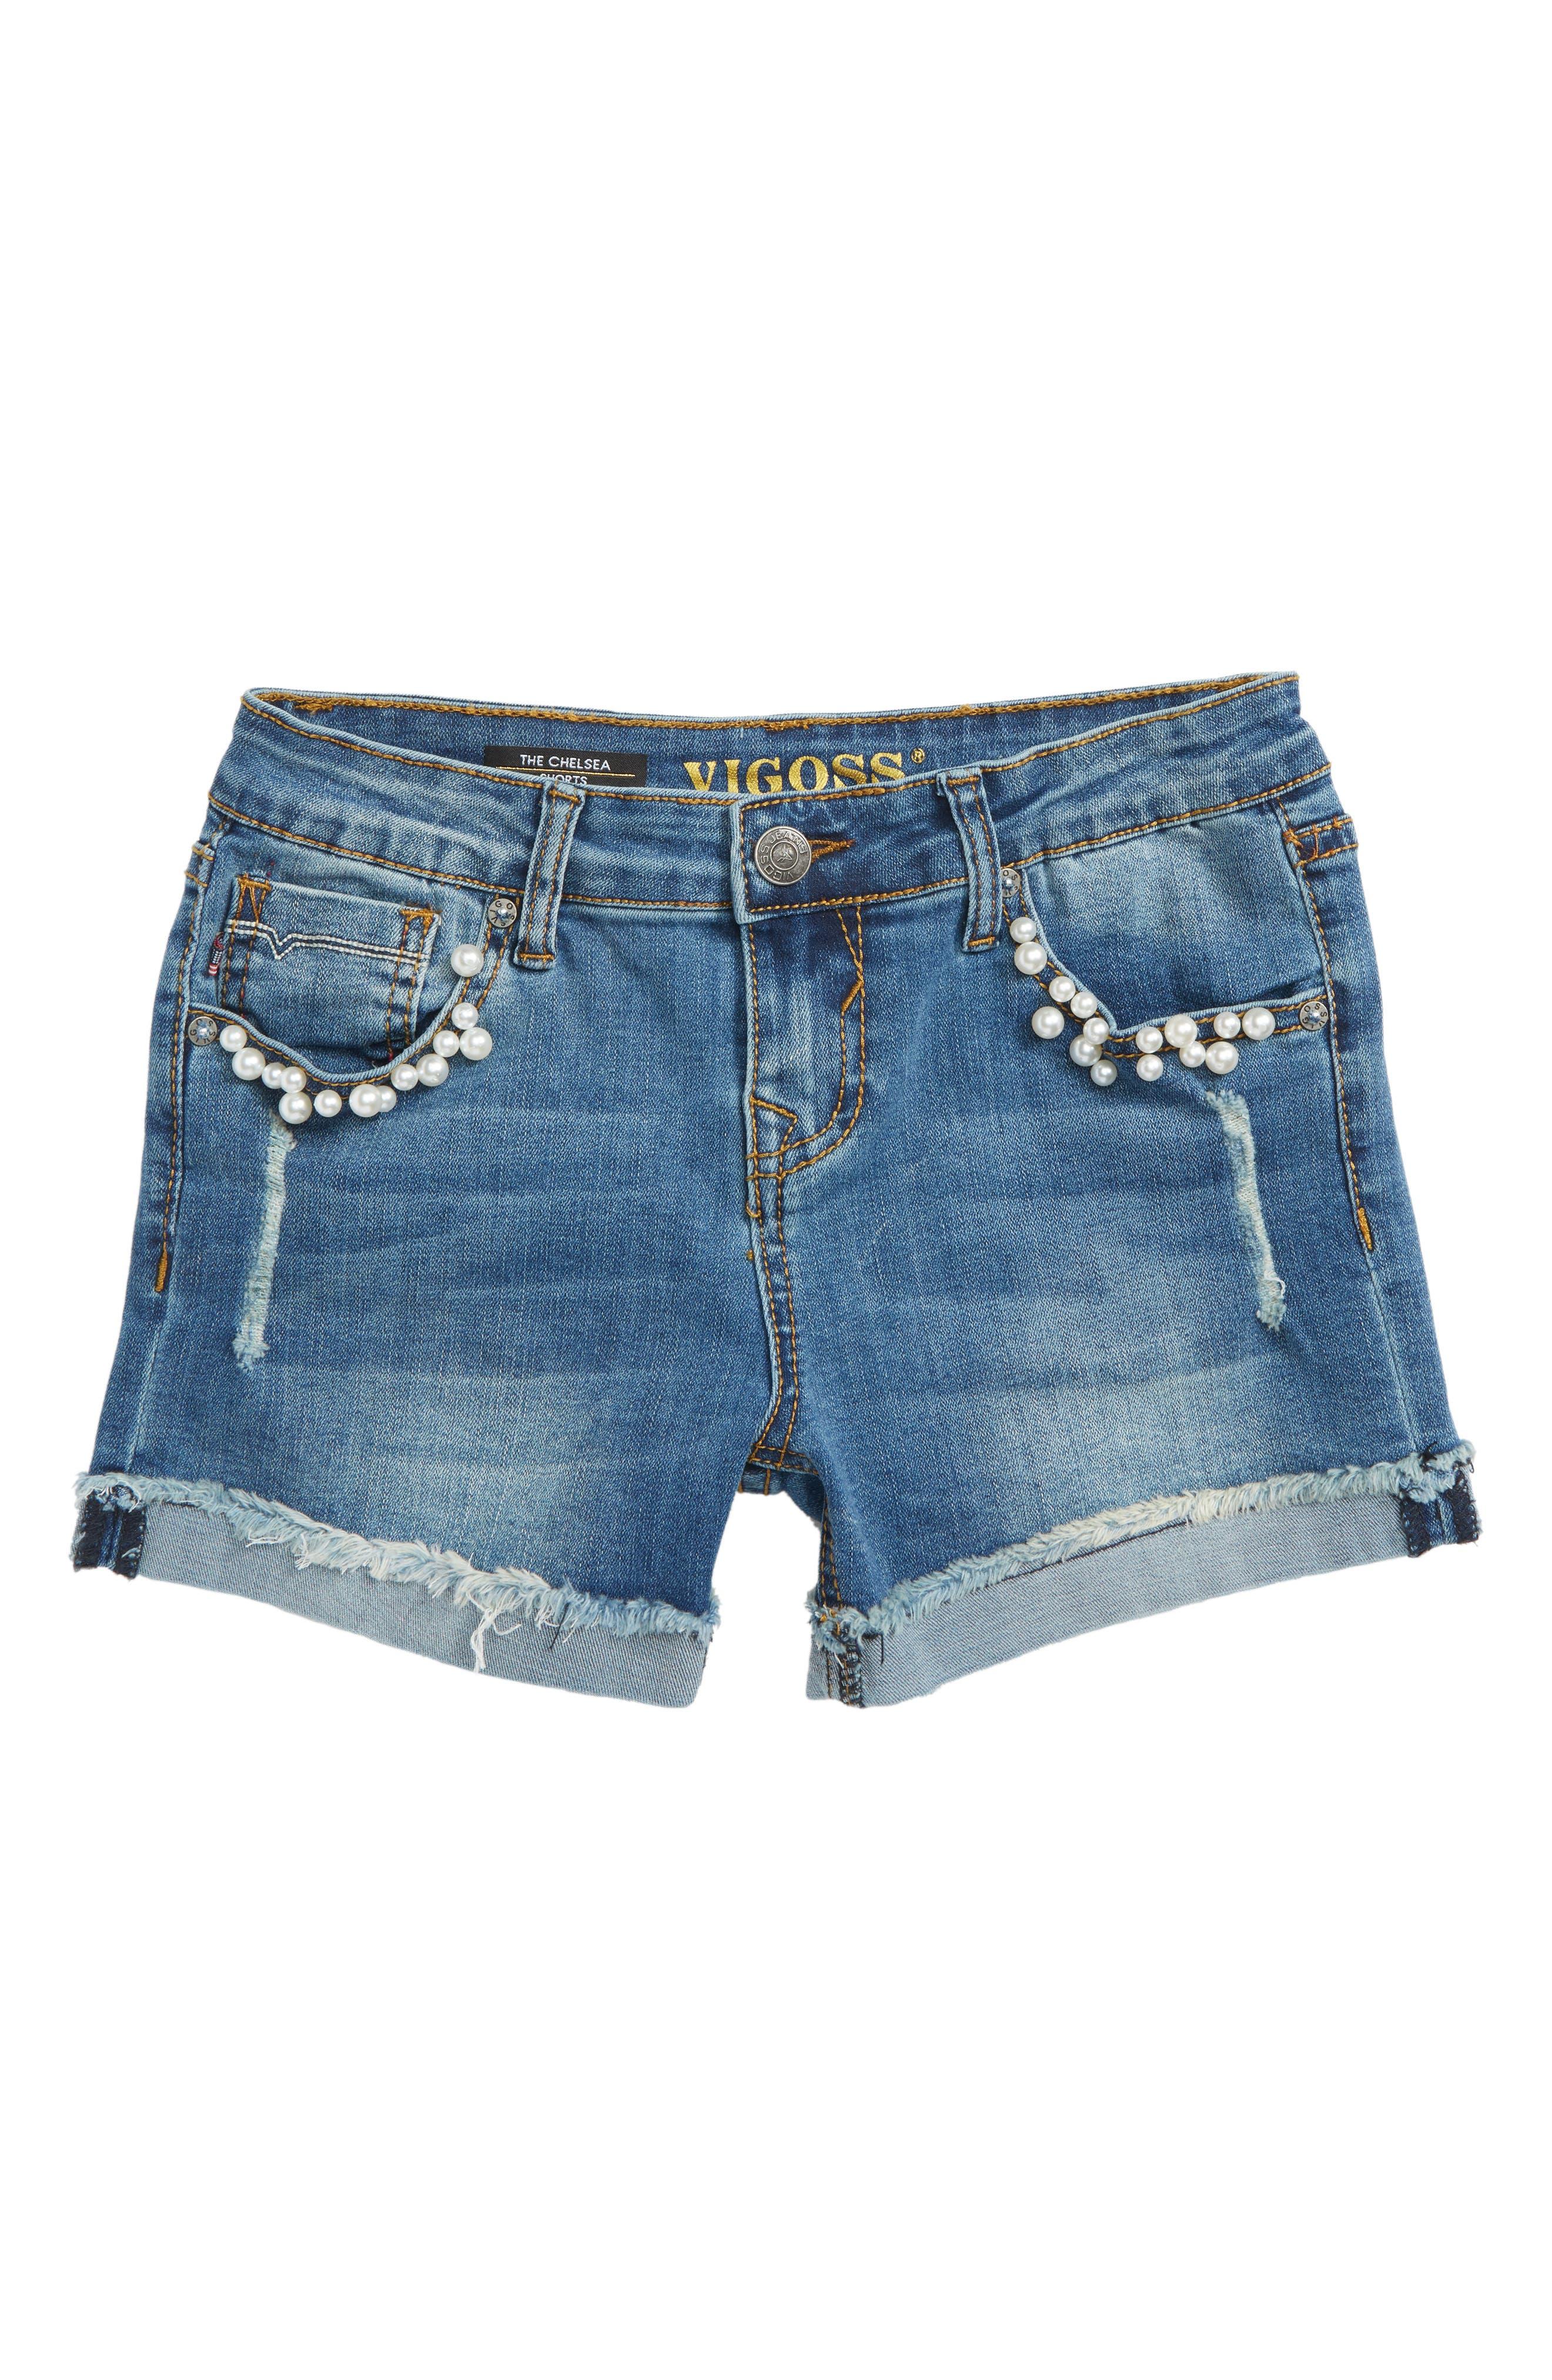 Imitation Pearl Frayed Denim Shorts,                             Main thumbnail 1, color,                             487